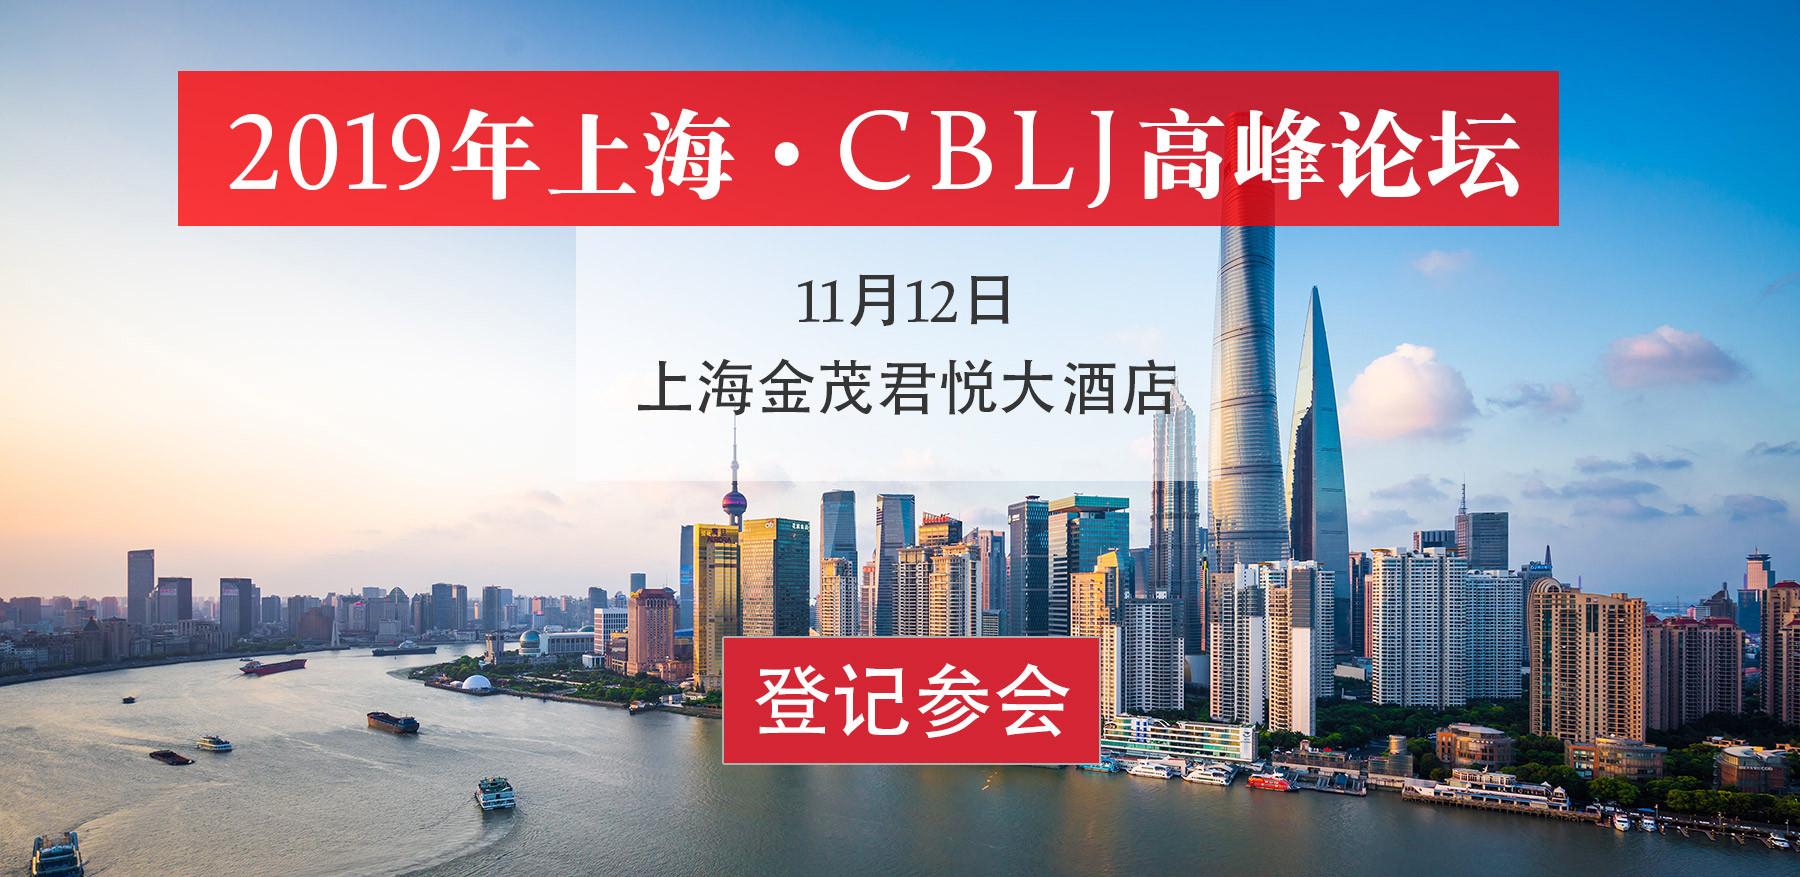 2019年上海·CBLJ高峰論壇